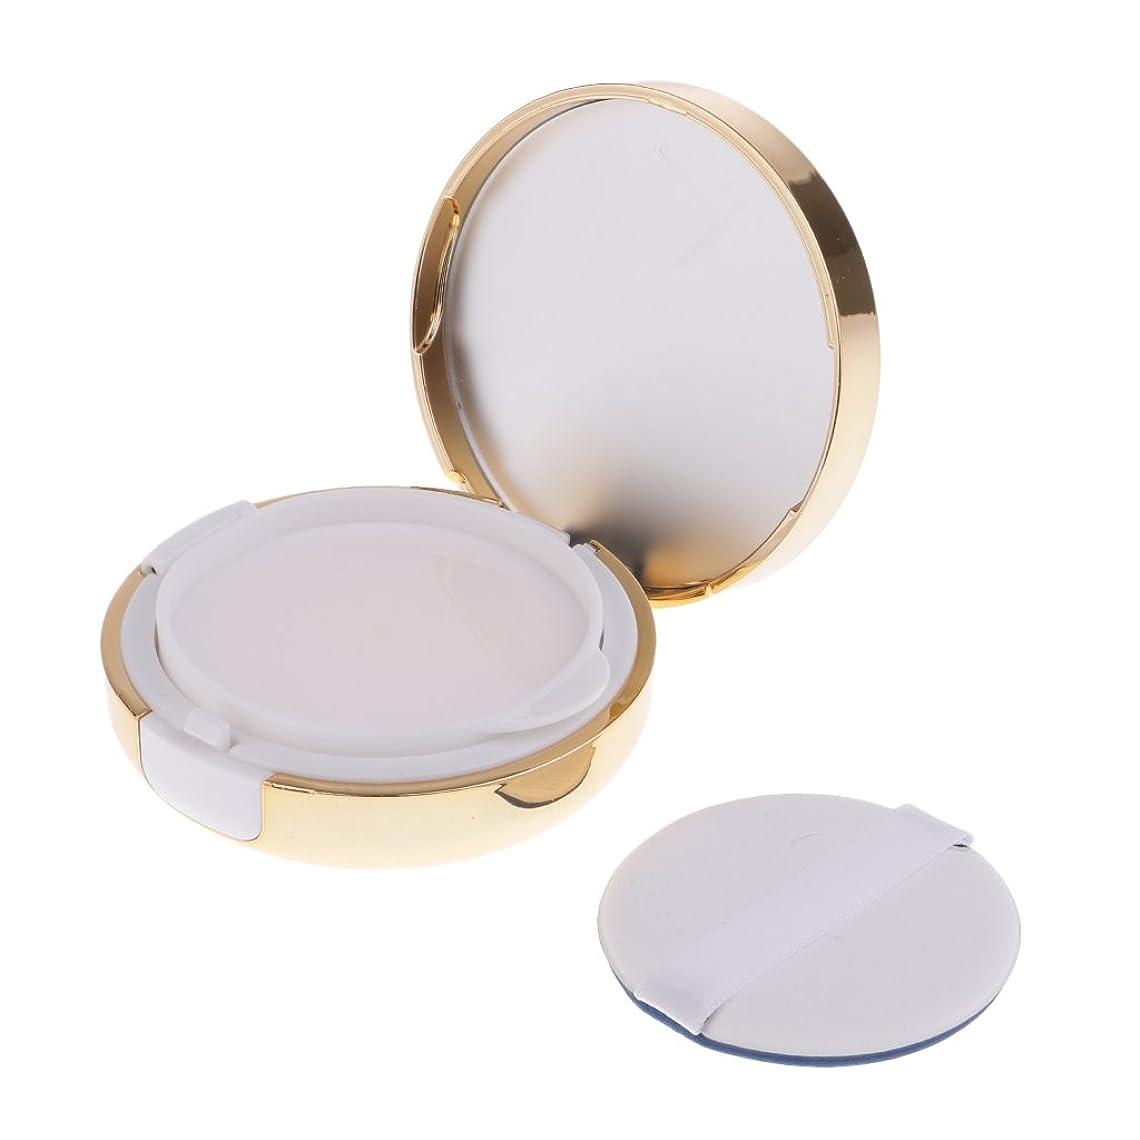 Perfk パウダーコンテナ ファンデーションケース エアクッション パフ BBクリーム 詰替え 化粧品 DIY ポータブル 密閉式ふた メイクアップ 2色選べる - ゴールド